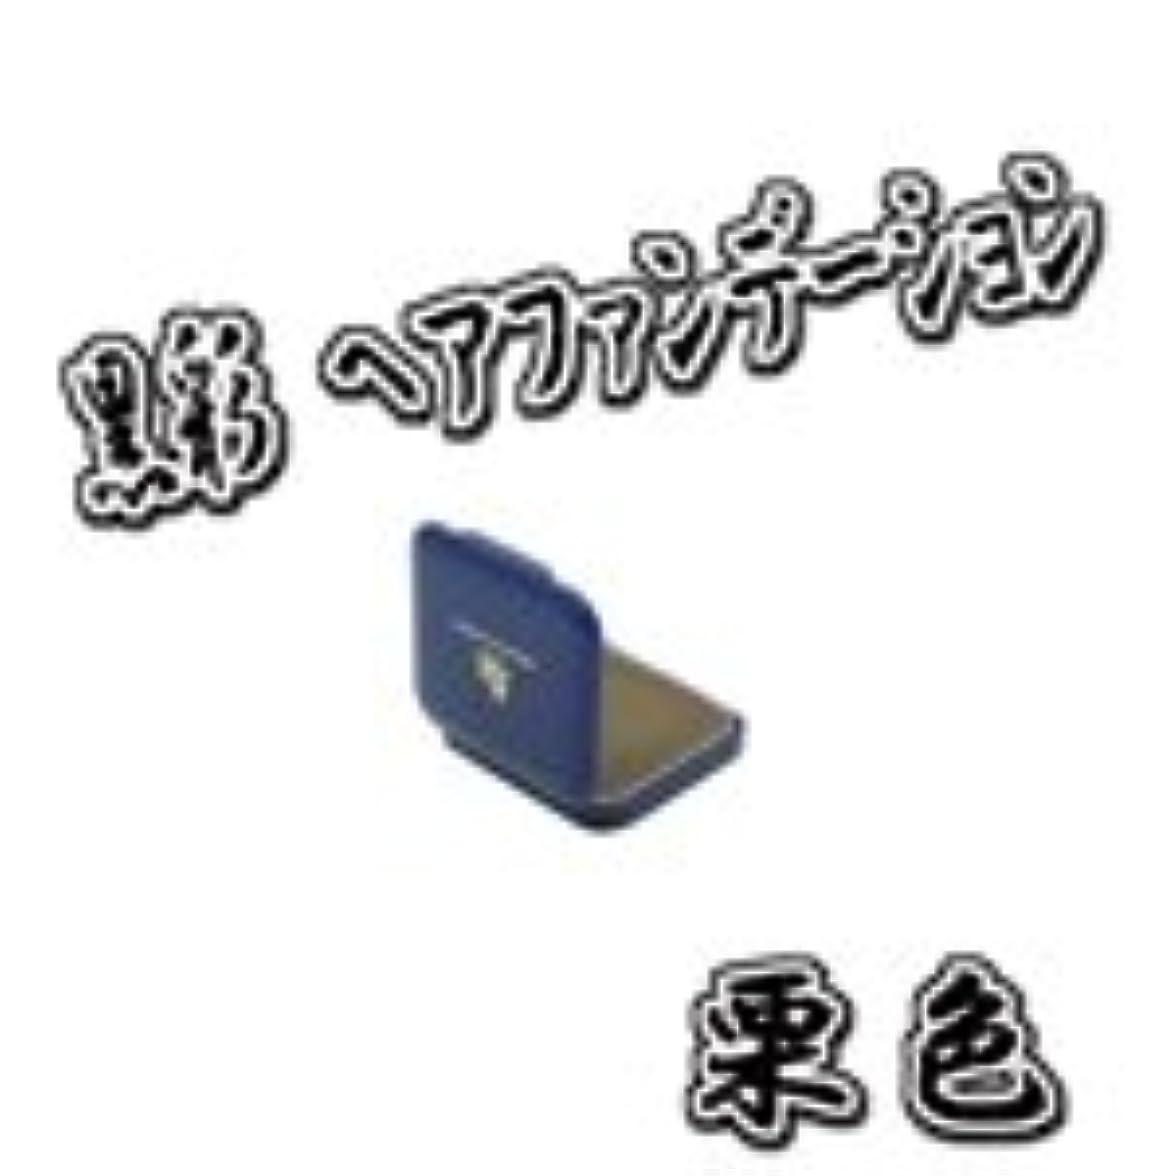 仲介者思春期勧告AMOROS アモロス 黒彩 ヘアファンデーション 【栗】 13g ミニケース パフ付